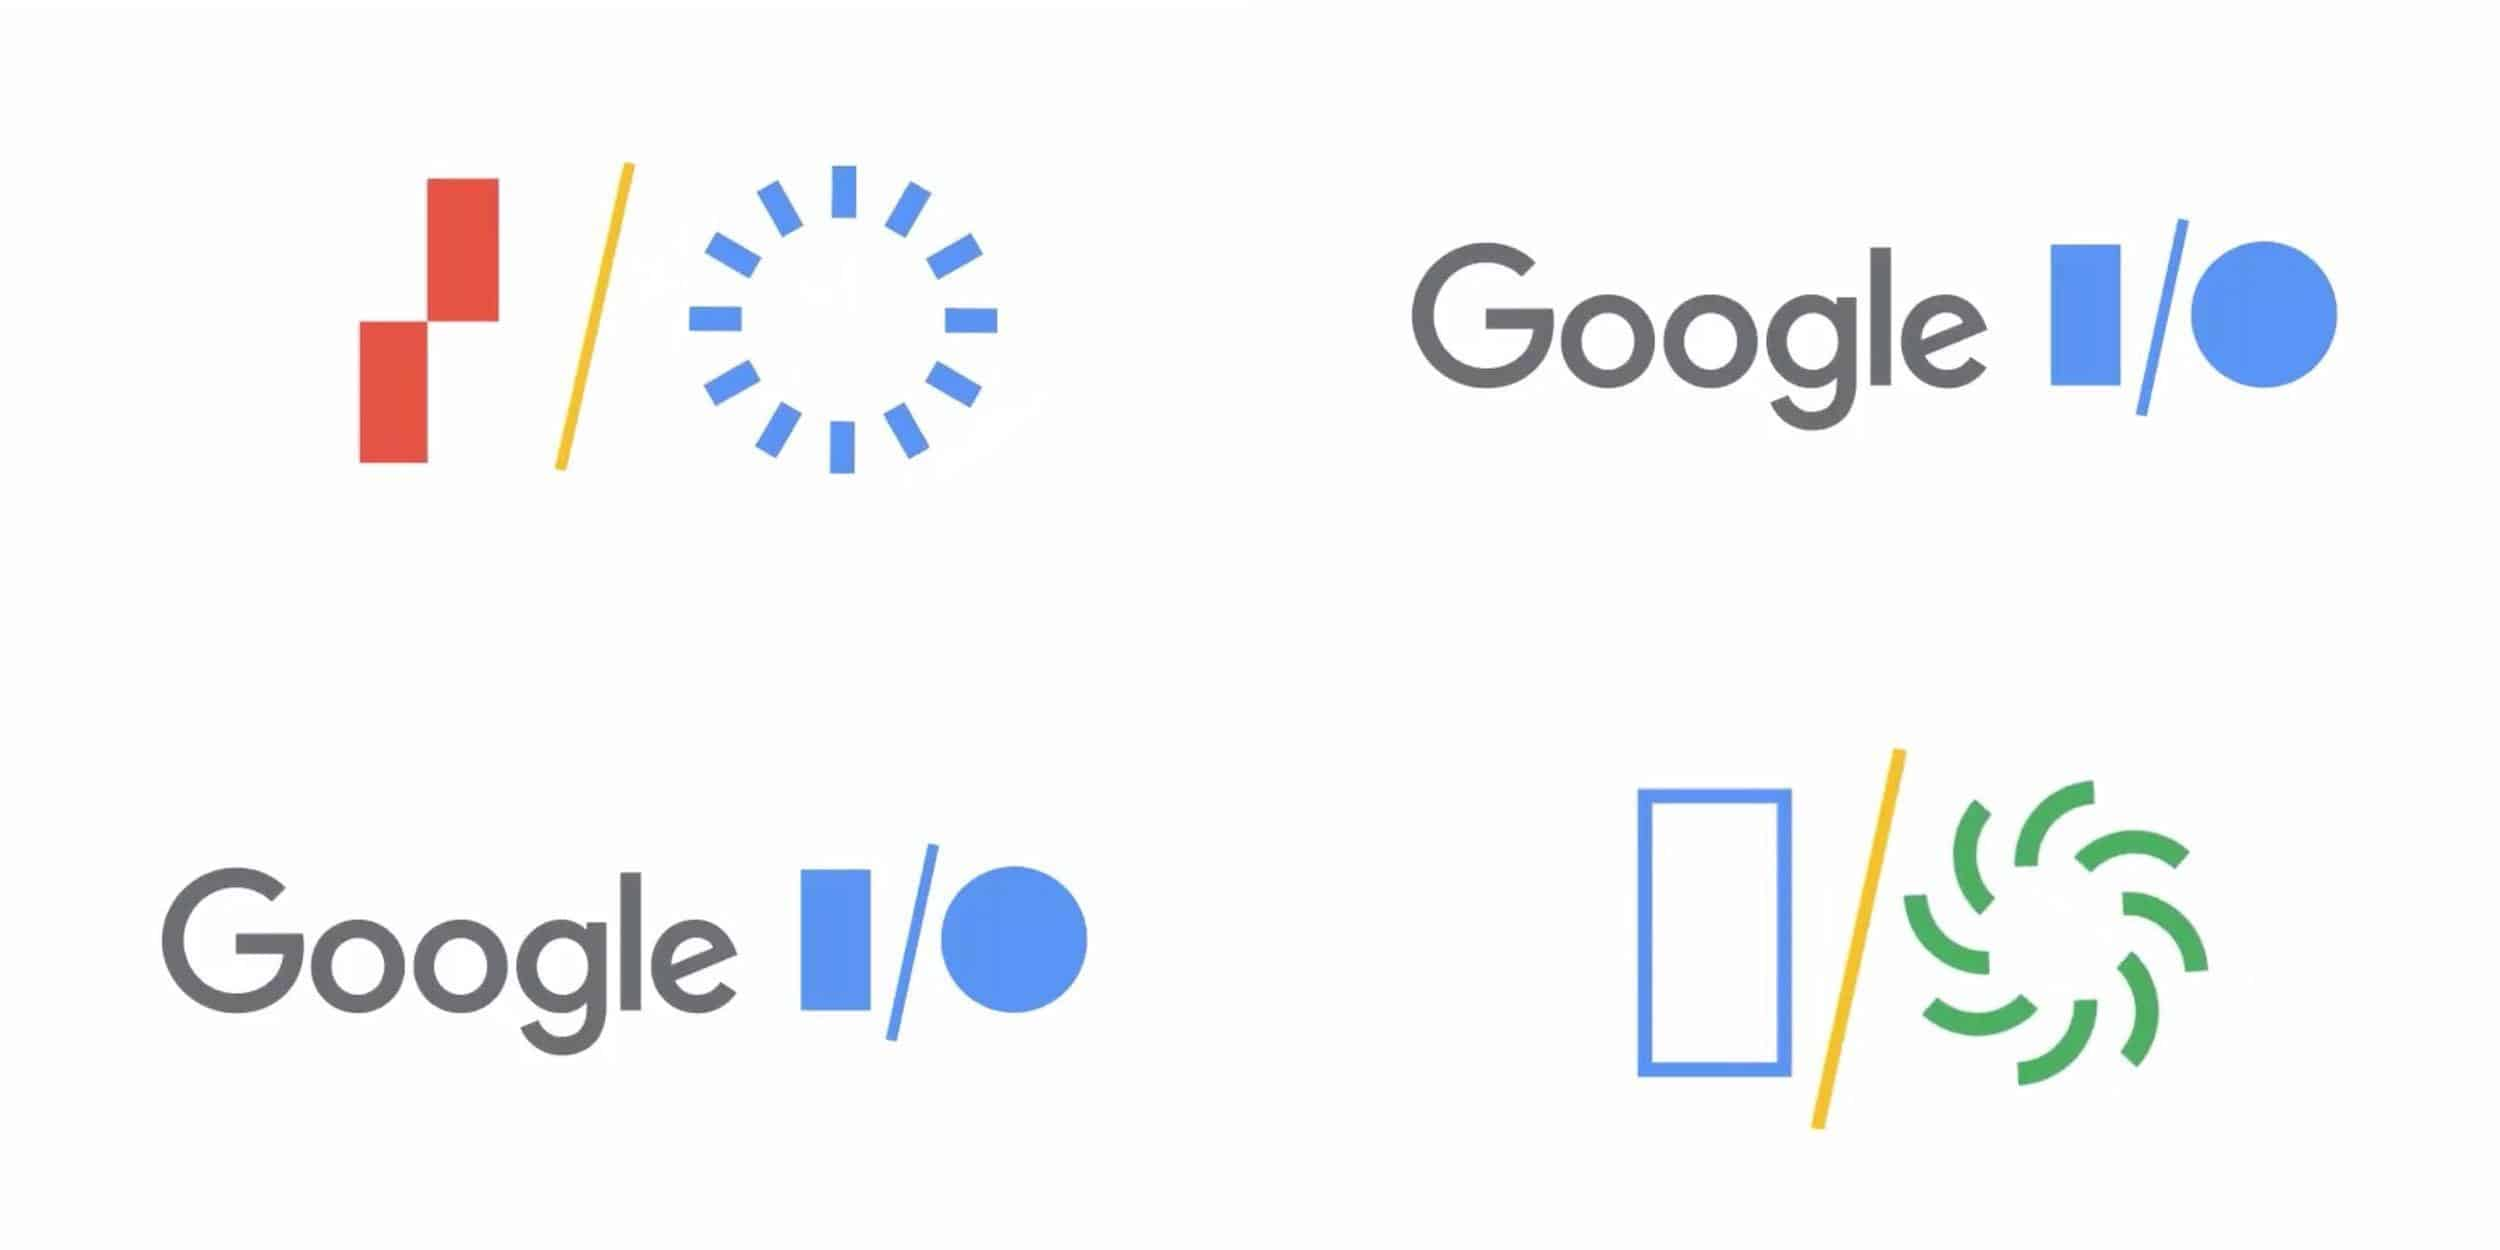 Google I/O 2020 Etkinliğinde Tarihler Netleşti! Peki Nelerin Tanıtılacağı..?